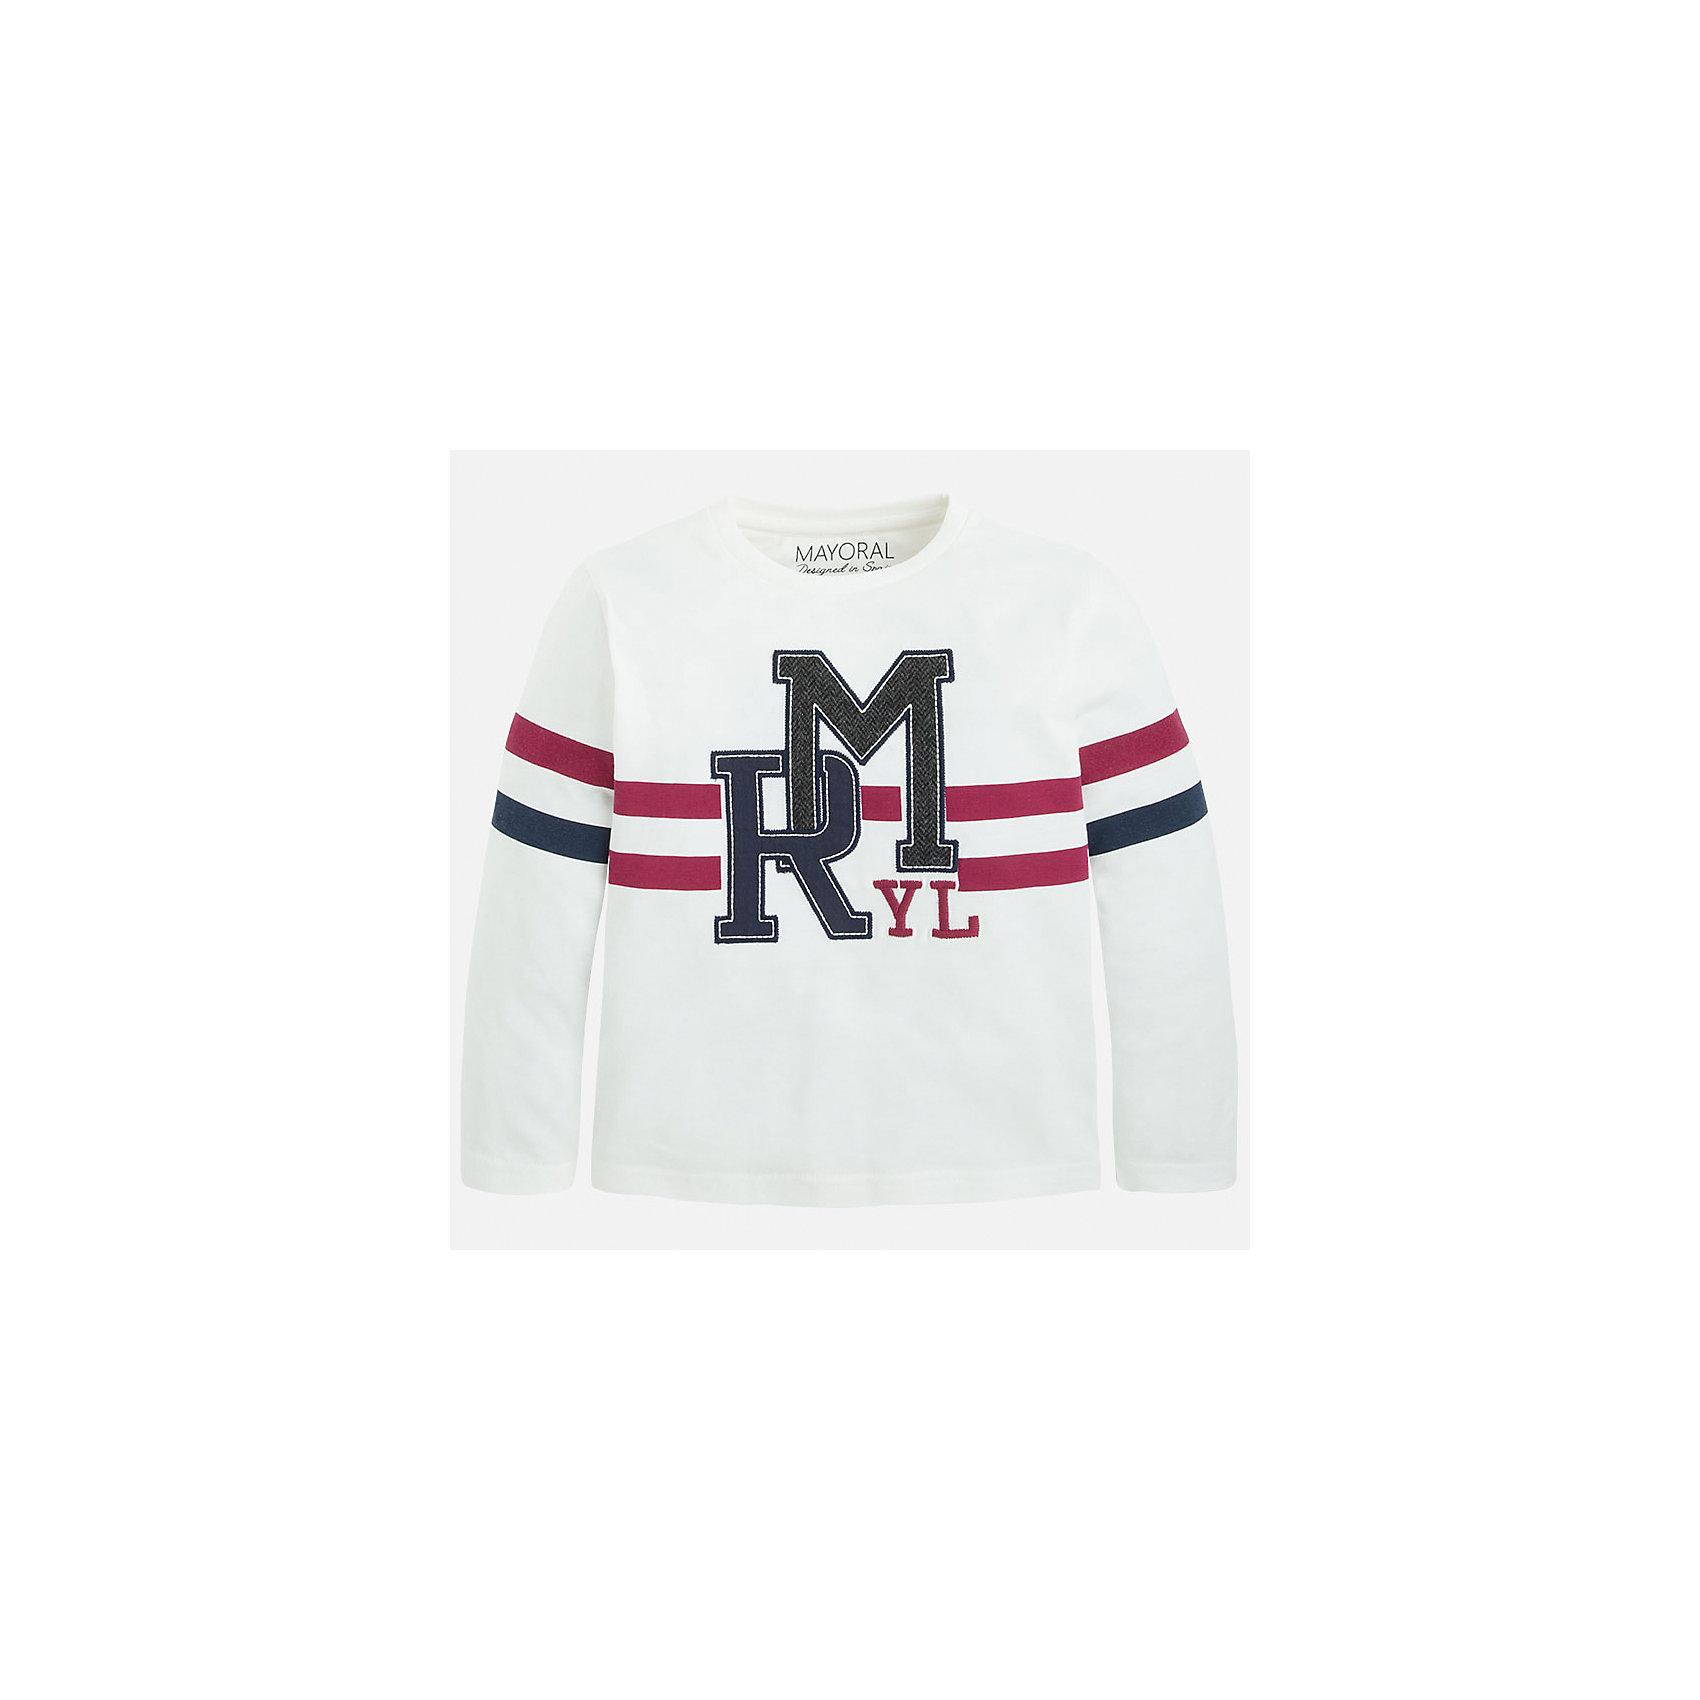 Футболка с длинным рукавом для мальчика MayoralХлопковая футболка с длинными рукавами - это  базовая вещь в любом гардеробе. Благодаря длинным рукавам и легкому составу, ее можно носить в любое время года, а яркий орнамент, подчеркнет индивидуальный стиль Вашего ребенка!<br><br>Дополнительная информация:<br><br>- Крой: прямой крой.<br>- Страна бренда: Испания.<br>- Состав: хлопок 100%.<br>- Цвет: белый.<br>- Уход: бережная стирка при 30 градусах.<br><br>Купить футболку с длинным рукавом для мальчика, от  Mayoral, можно в нашем магазине.<br><br>Ширина мм: 230<br>Глубина мм: 40<br>Высота мм: 220<br>Вес г: 250<br>Цвет: бежевый<br>Возраст от месяцев: 36<br>Возраст до месяцев: 48<br>Пол: Мужской<br>Возраст: Детский<br>Размер: 104,128,134,110,122,116,98<br>SKU: 4821789